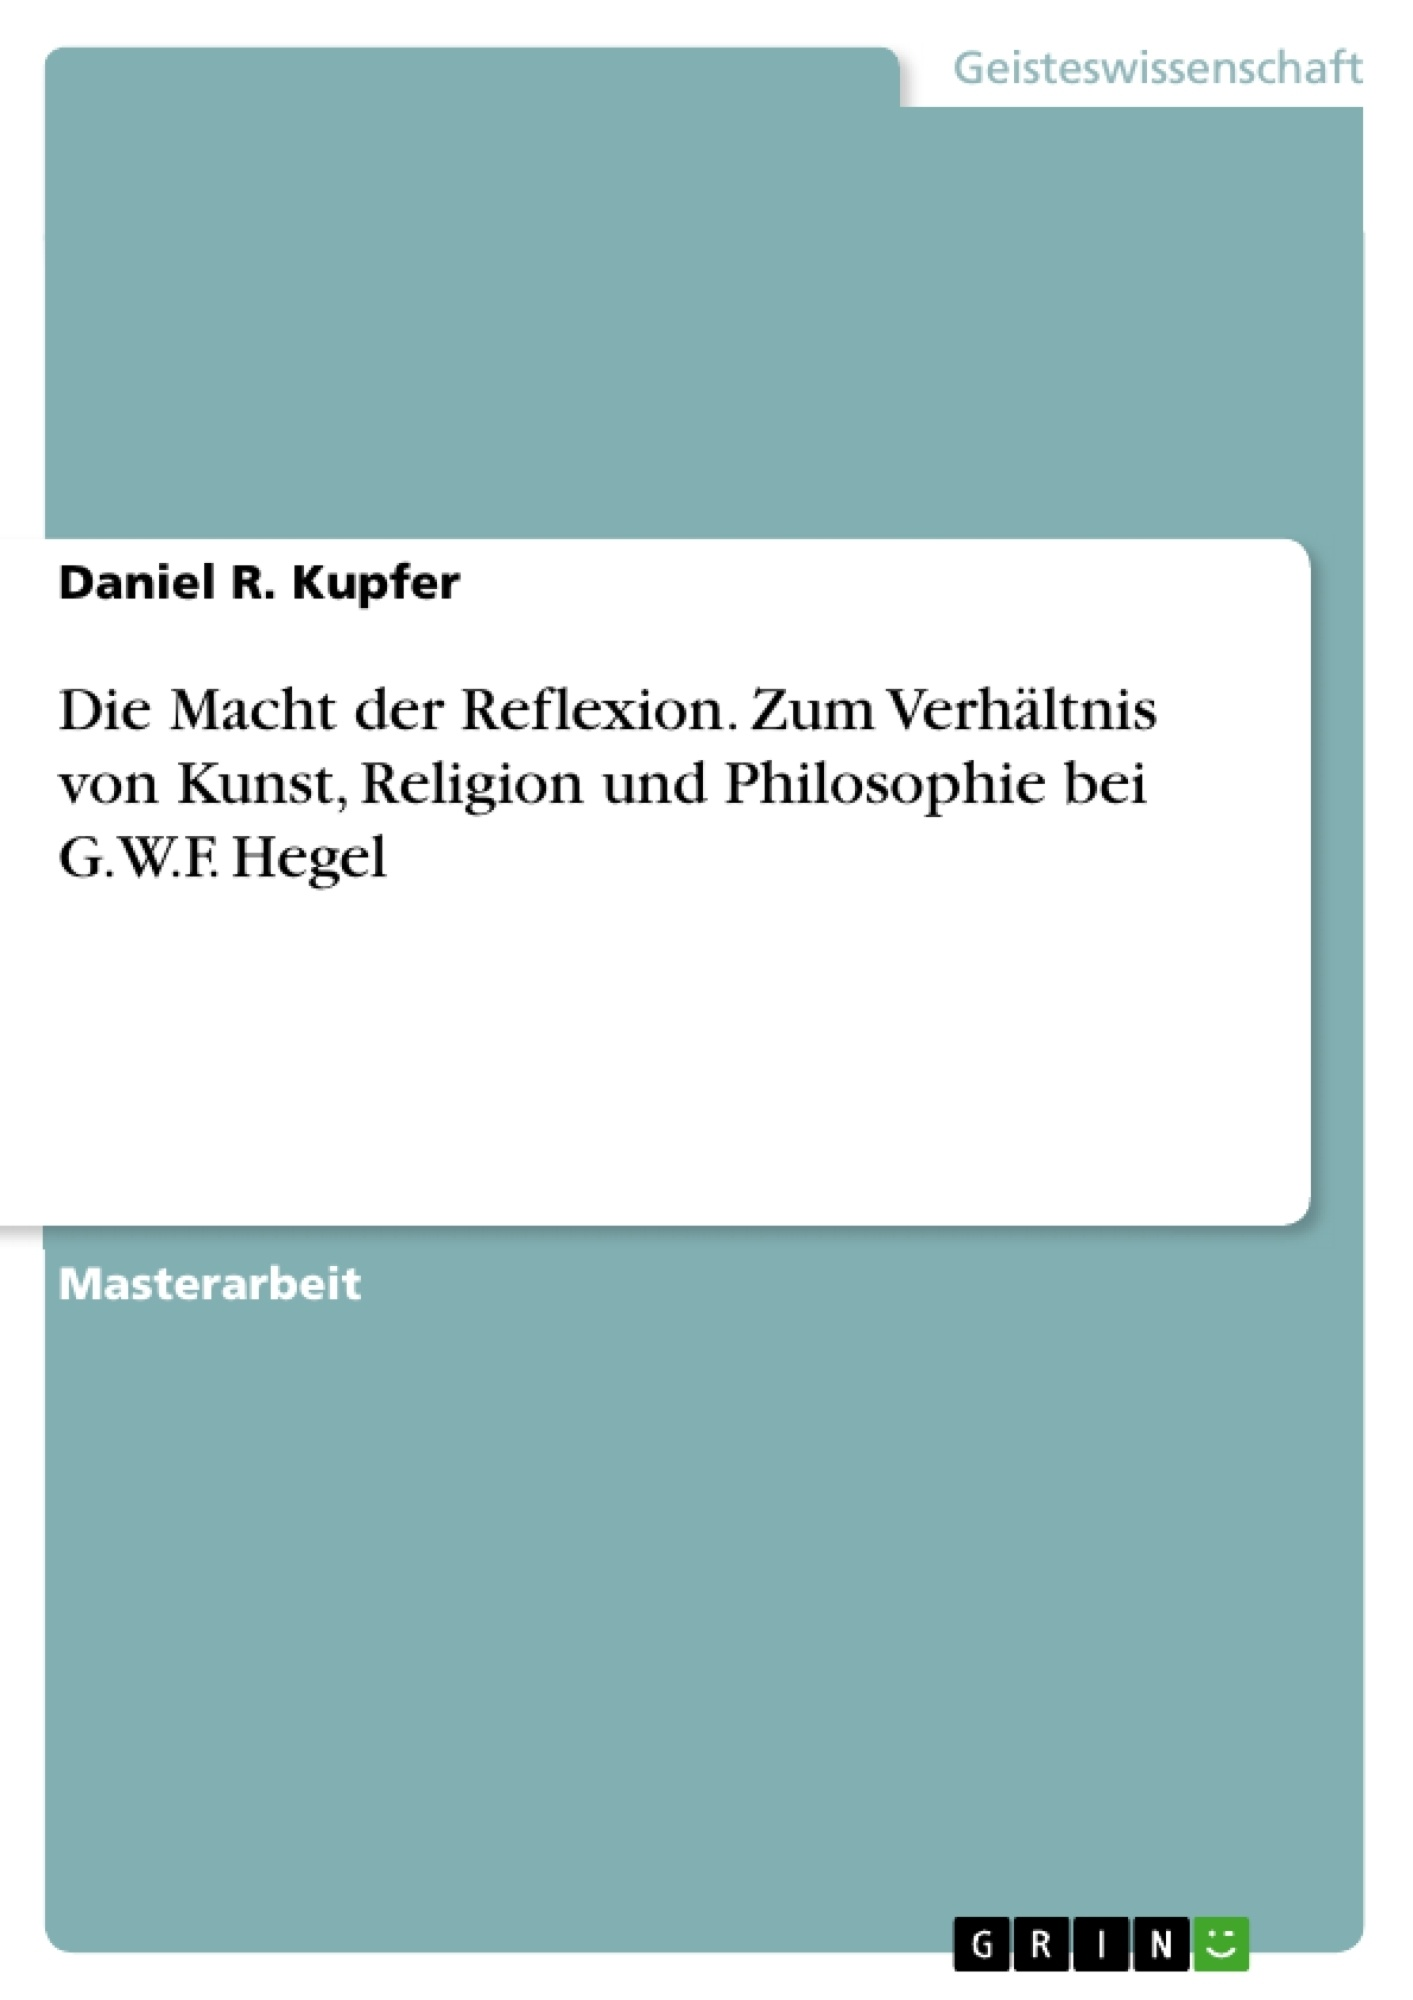 Titel: Die Macht der Reflexion. Zum Verhältnis von Kunst, Religion und Philosophie bei G.W.F. Hegel